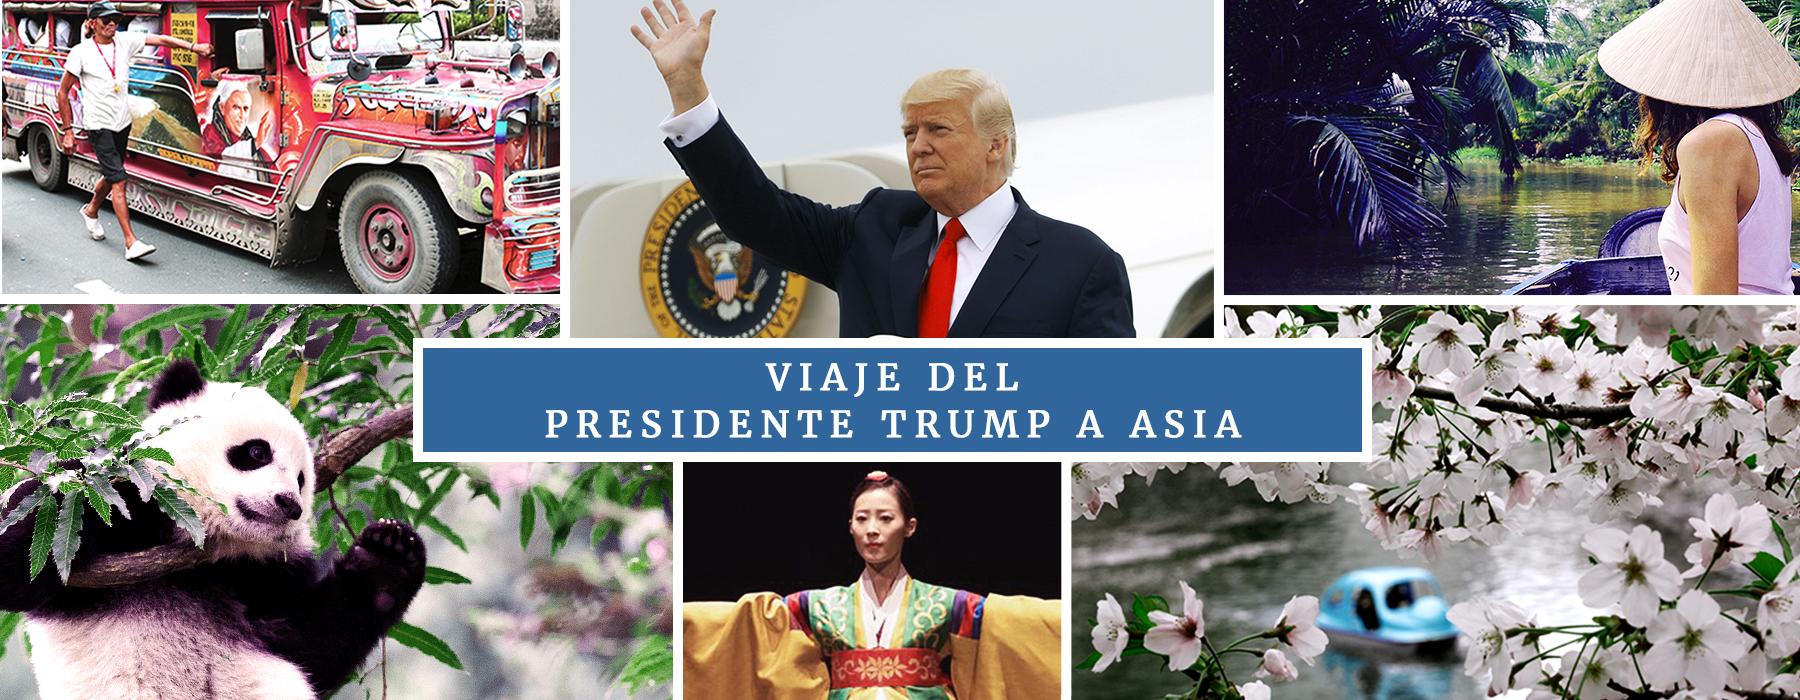 Composición de fotografías con un autobús pintado, el presidente Trump, una mujer junto a un río, un panda, una bailarina ataviada y los árboles de cerezo en flor (© AP Images, Centro Cultural Coreano, Washington, D.C.)